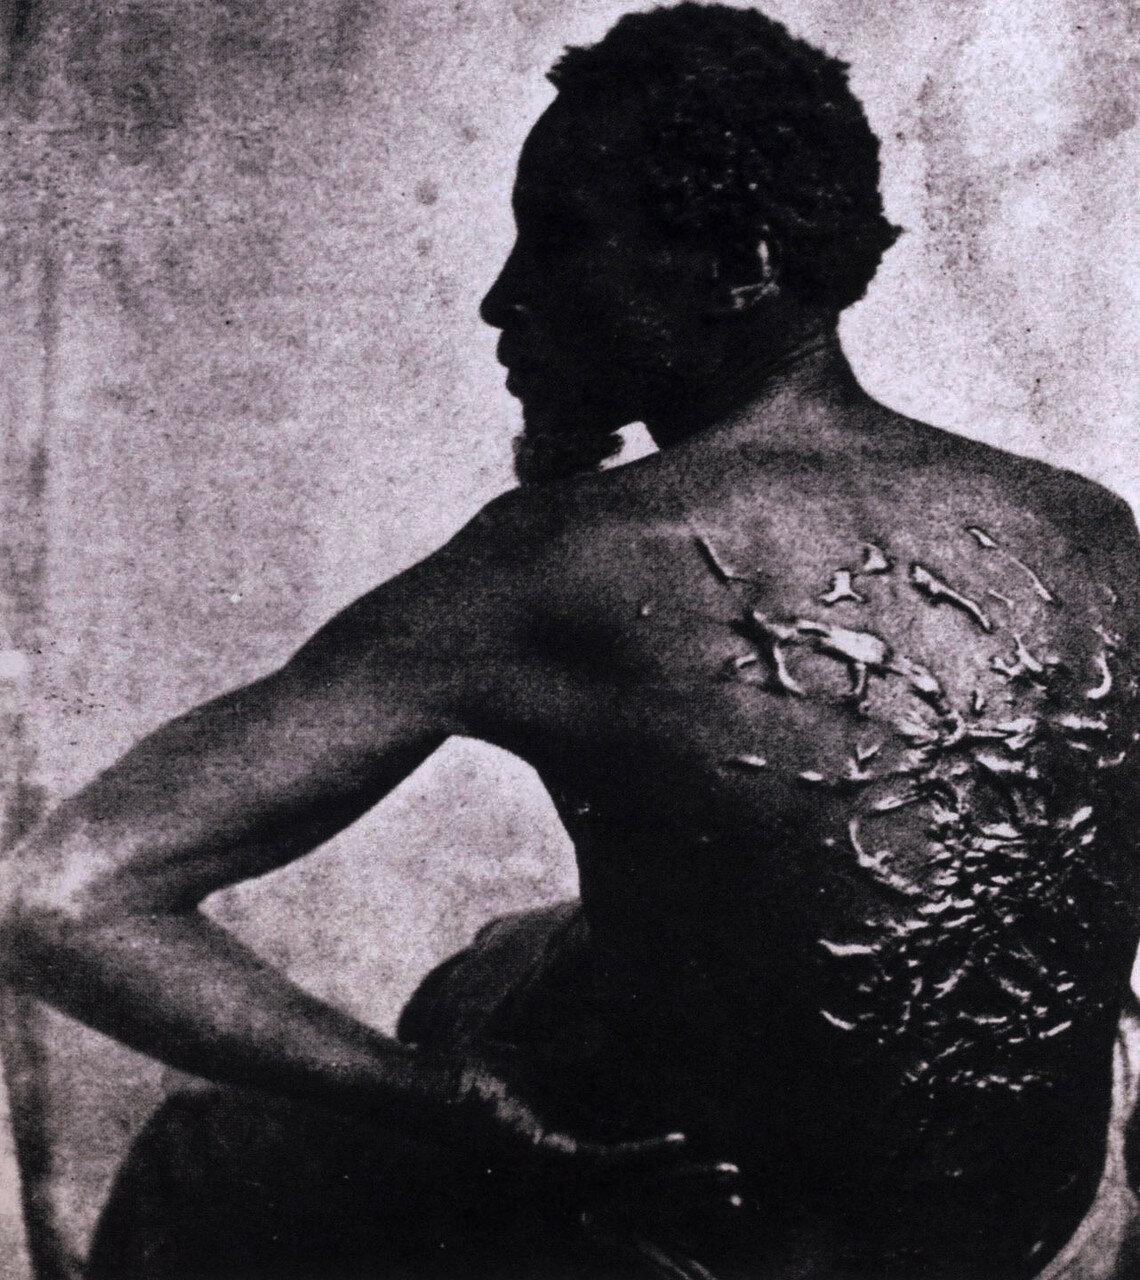 1863. Шрамы на теле бывшего раба